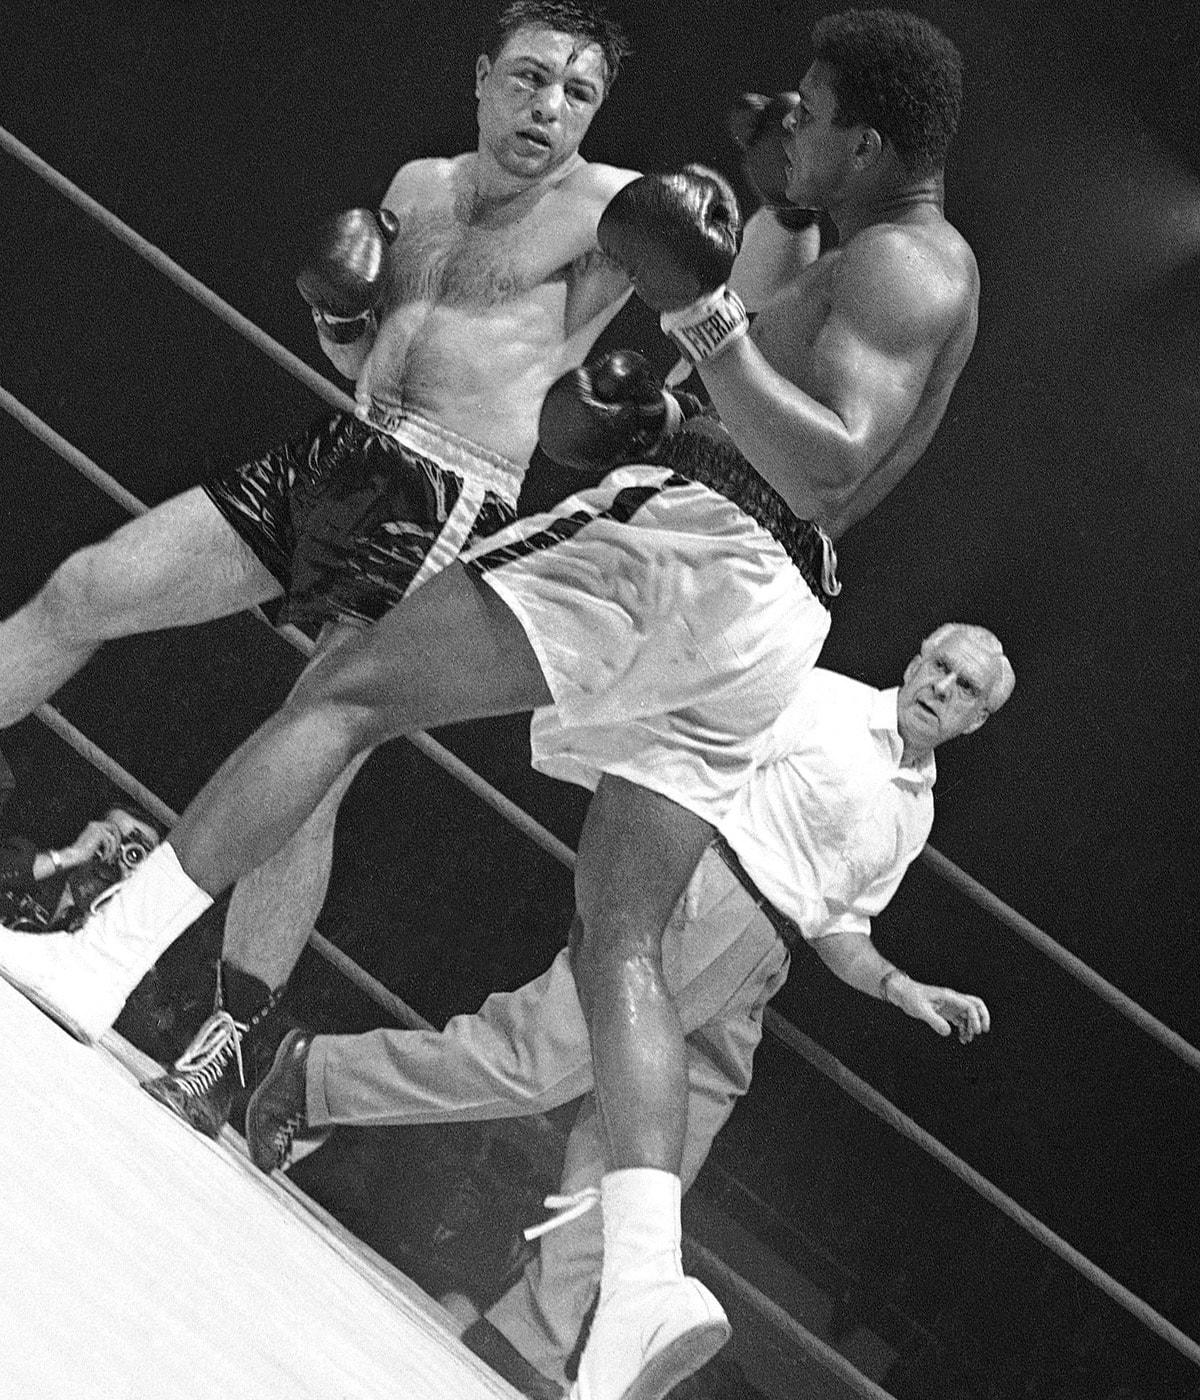 Ali vs. Chuvalo: Brutality, beauty mingled in truly epic brawl